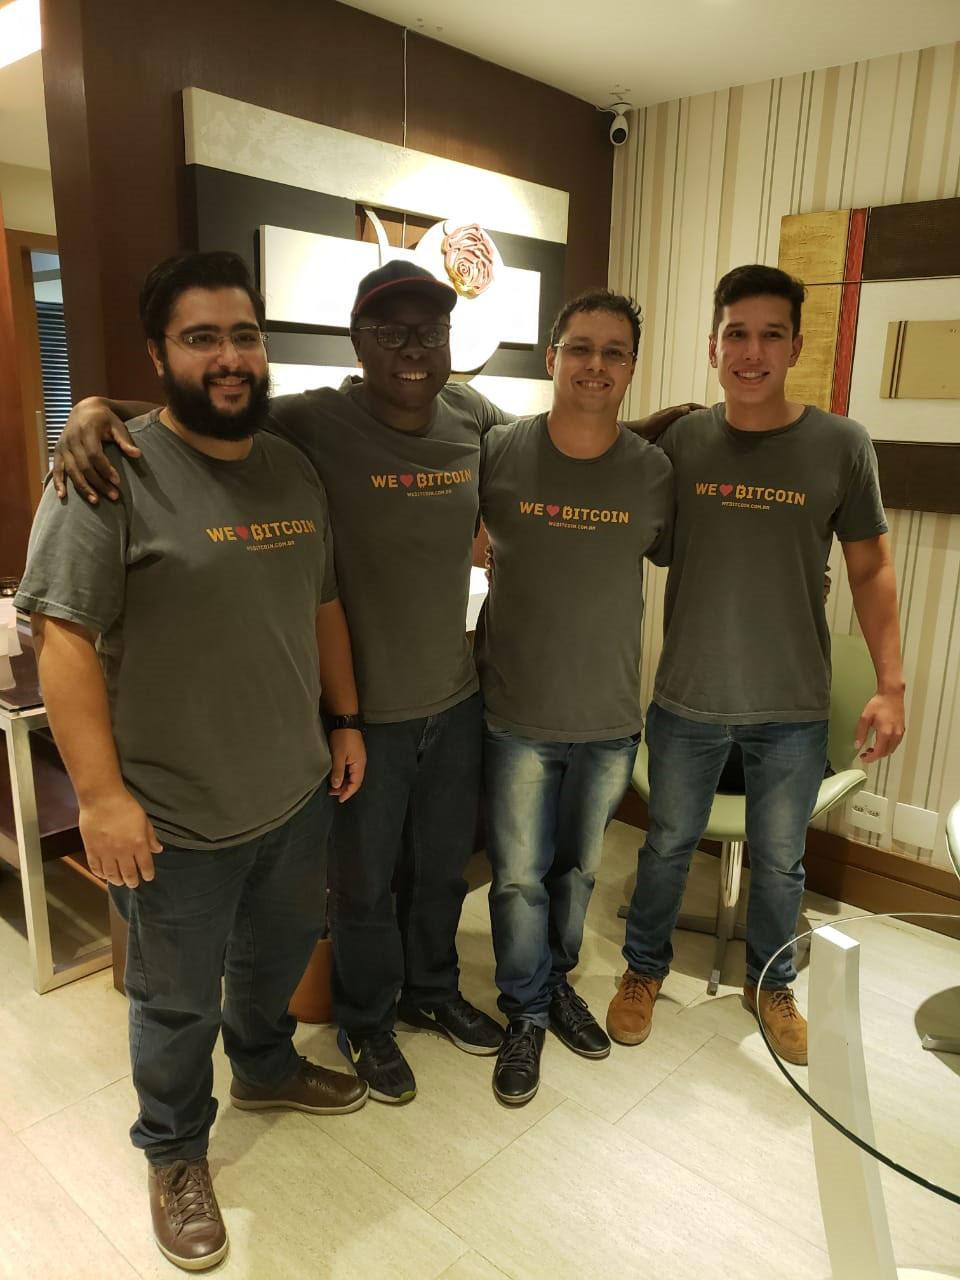 Webitcoin: Webitcoin realizou curso de trading em criptomoedas no último fim de semana!